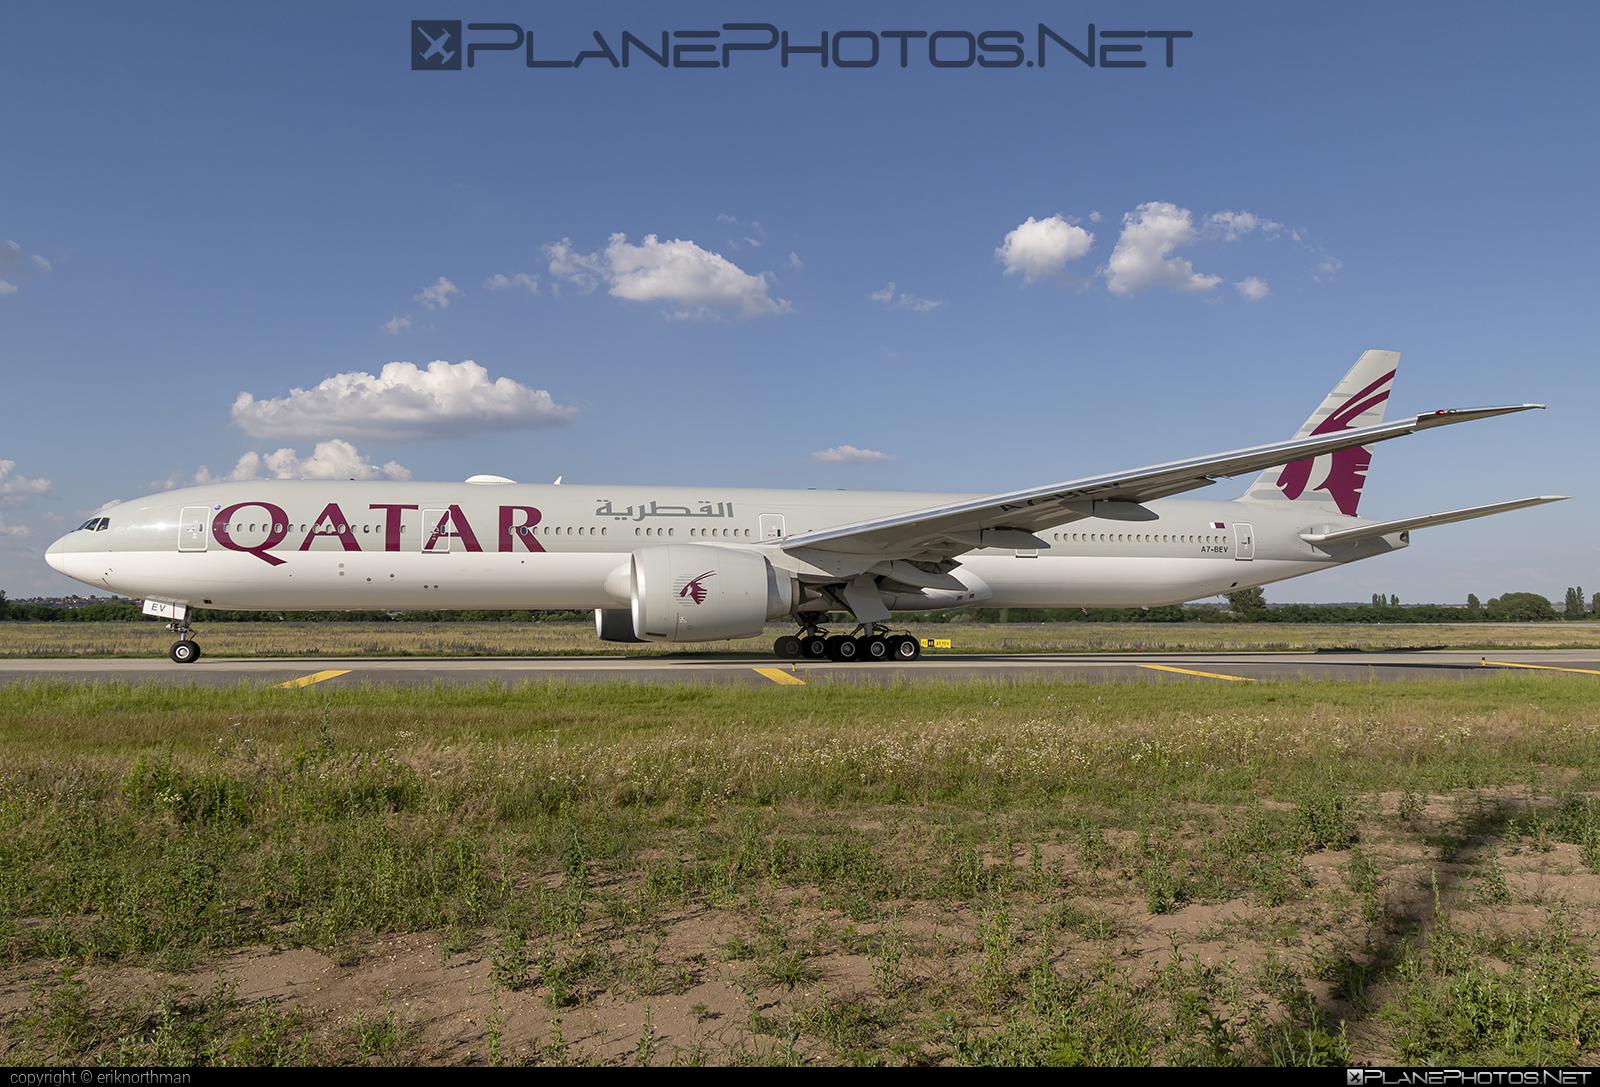 Boeing 777-300ER - A7-BEV operated by Qatar Airways #b777 #b777er #boeing #boeing777 #qatarairways #tripleseven